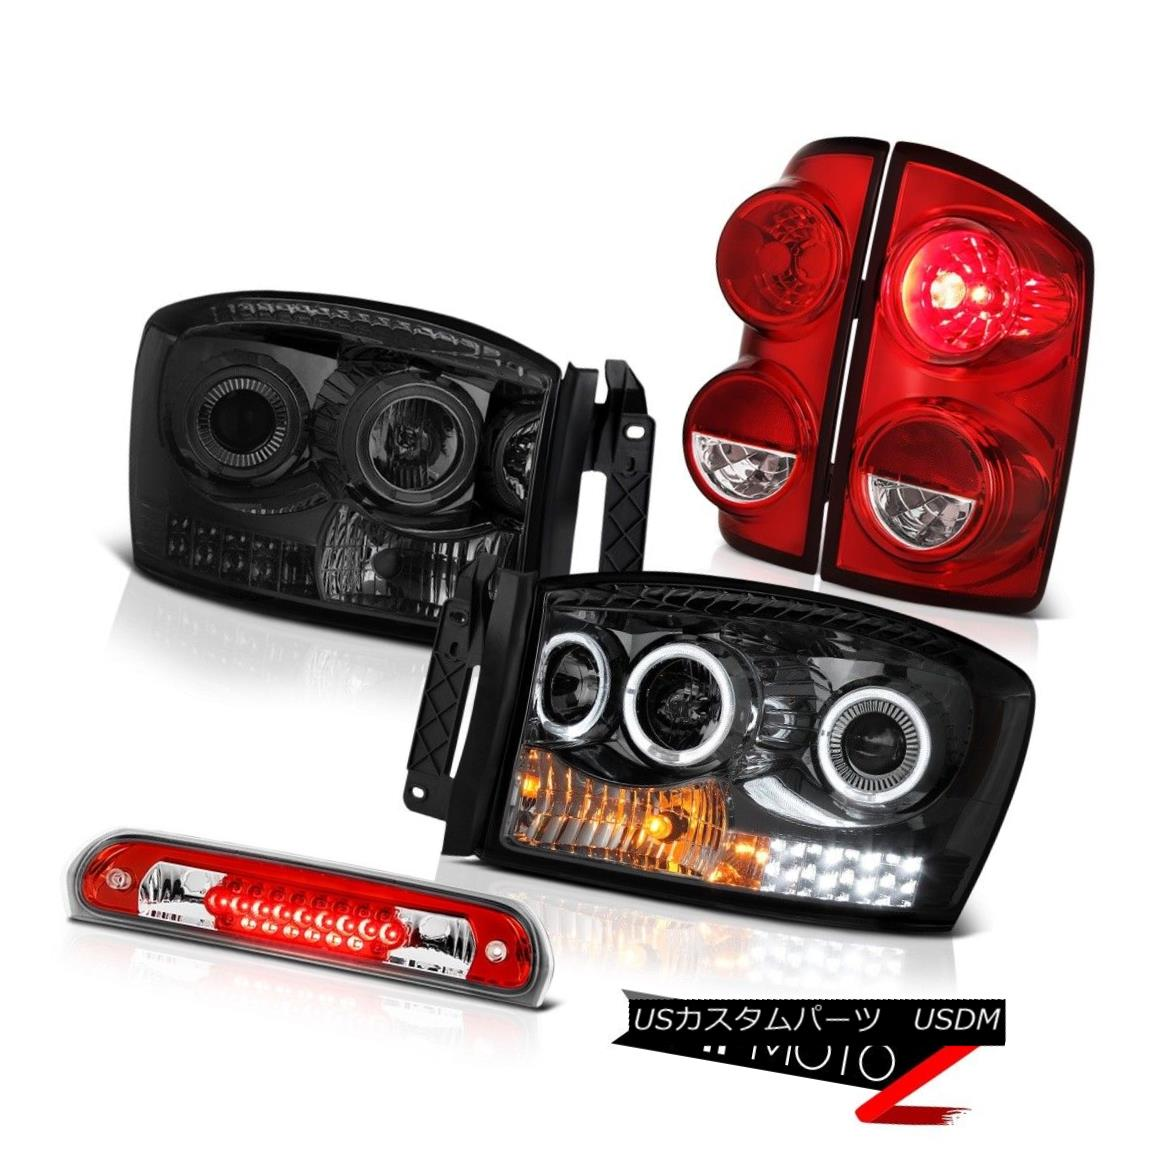 テールライト 07-08 Dodge Ram 1500 SLT Taillights Titanium Smoke Headlights Third Brake Lamp 07-08ダッジラム1500 SLTターンライトチタン煙ヘッドライト第3ブレーキランプ